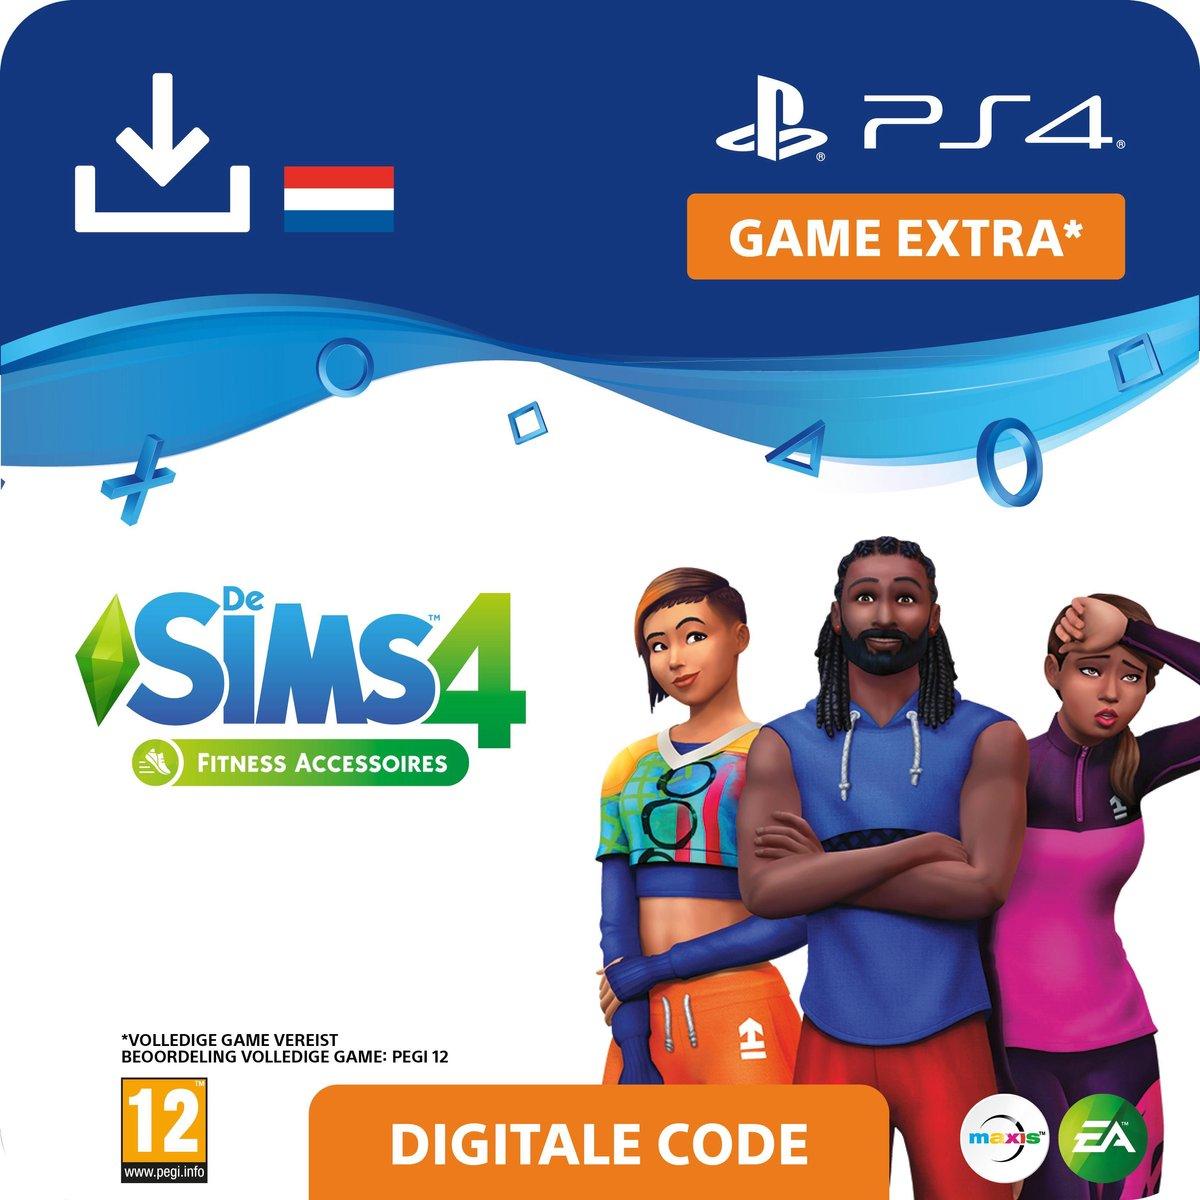 De Sims 4 - uitbreidingsset - Fitness Accessoires - NL - PS4 download